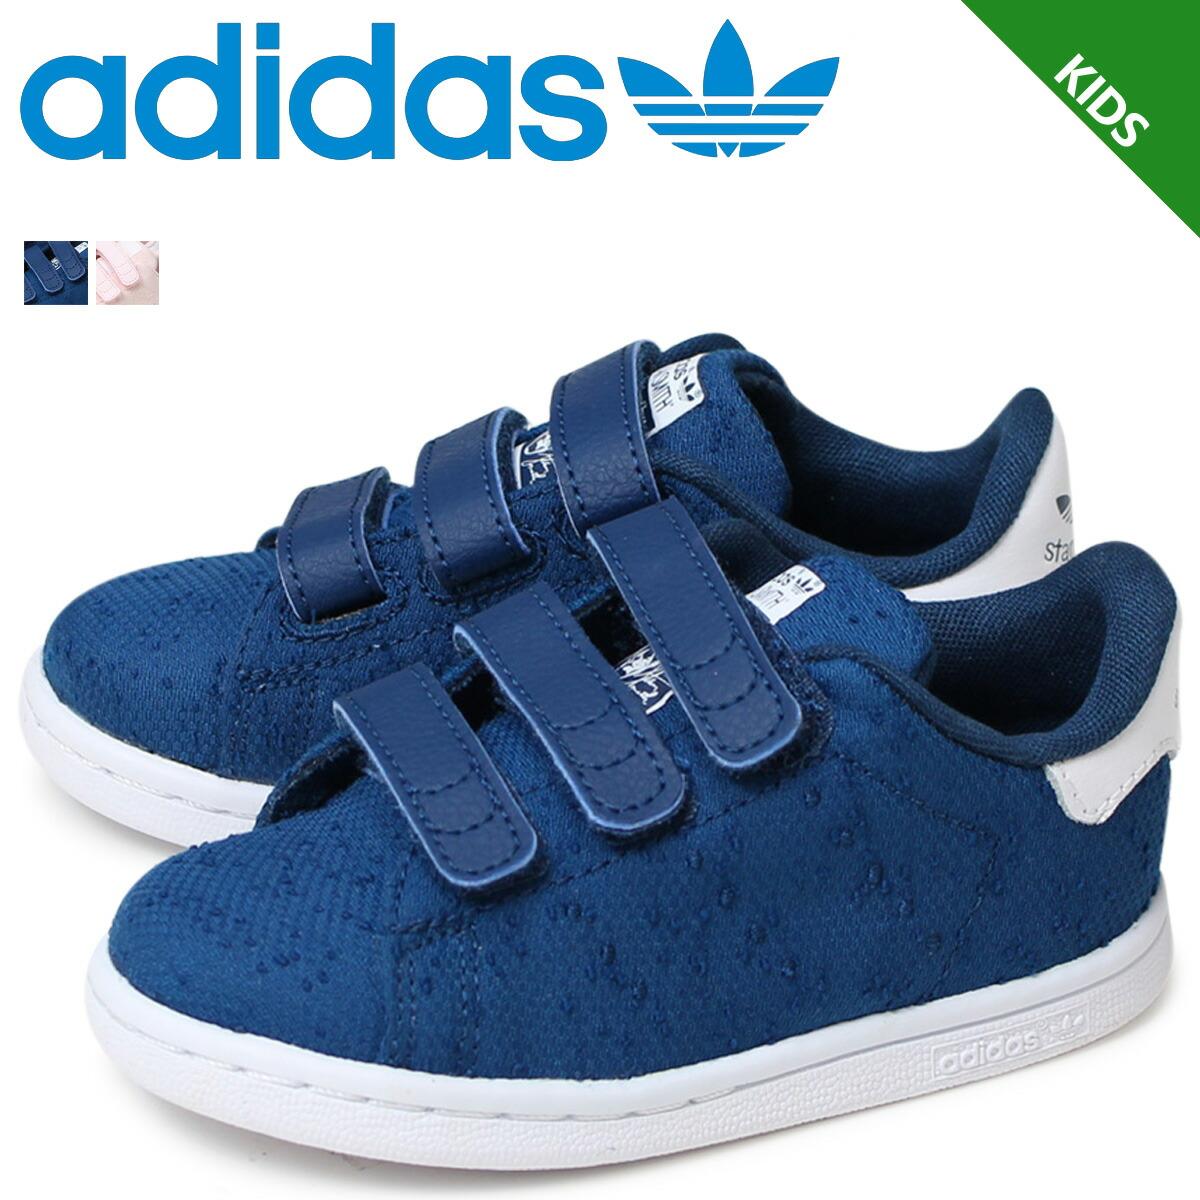 adidas スニーカー blue